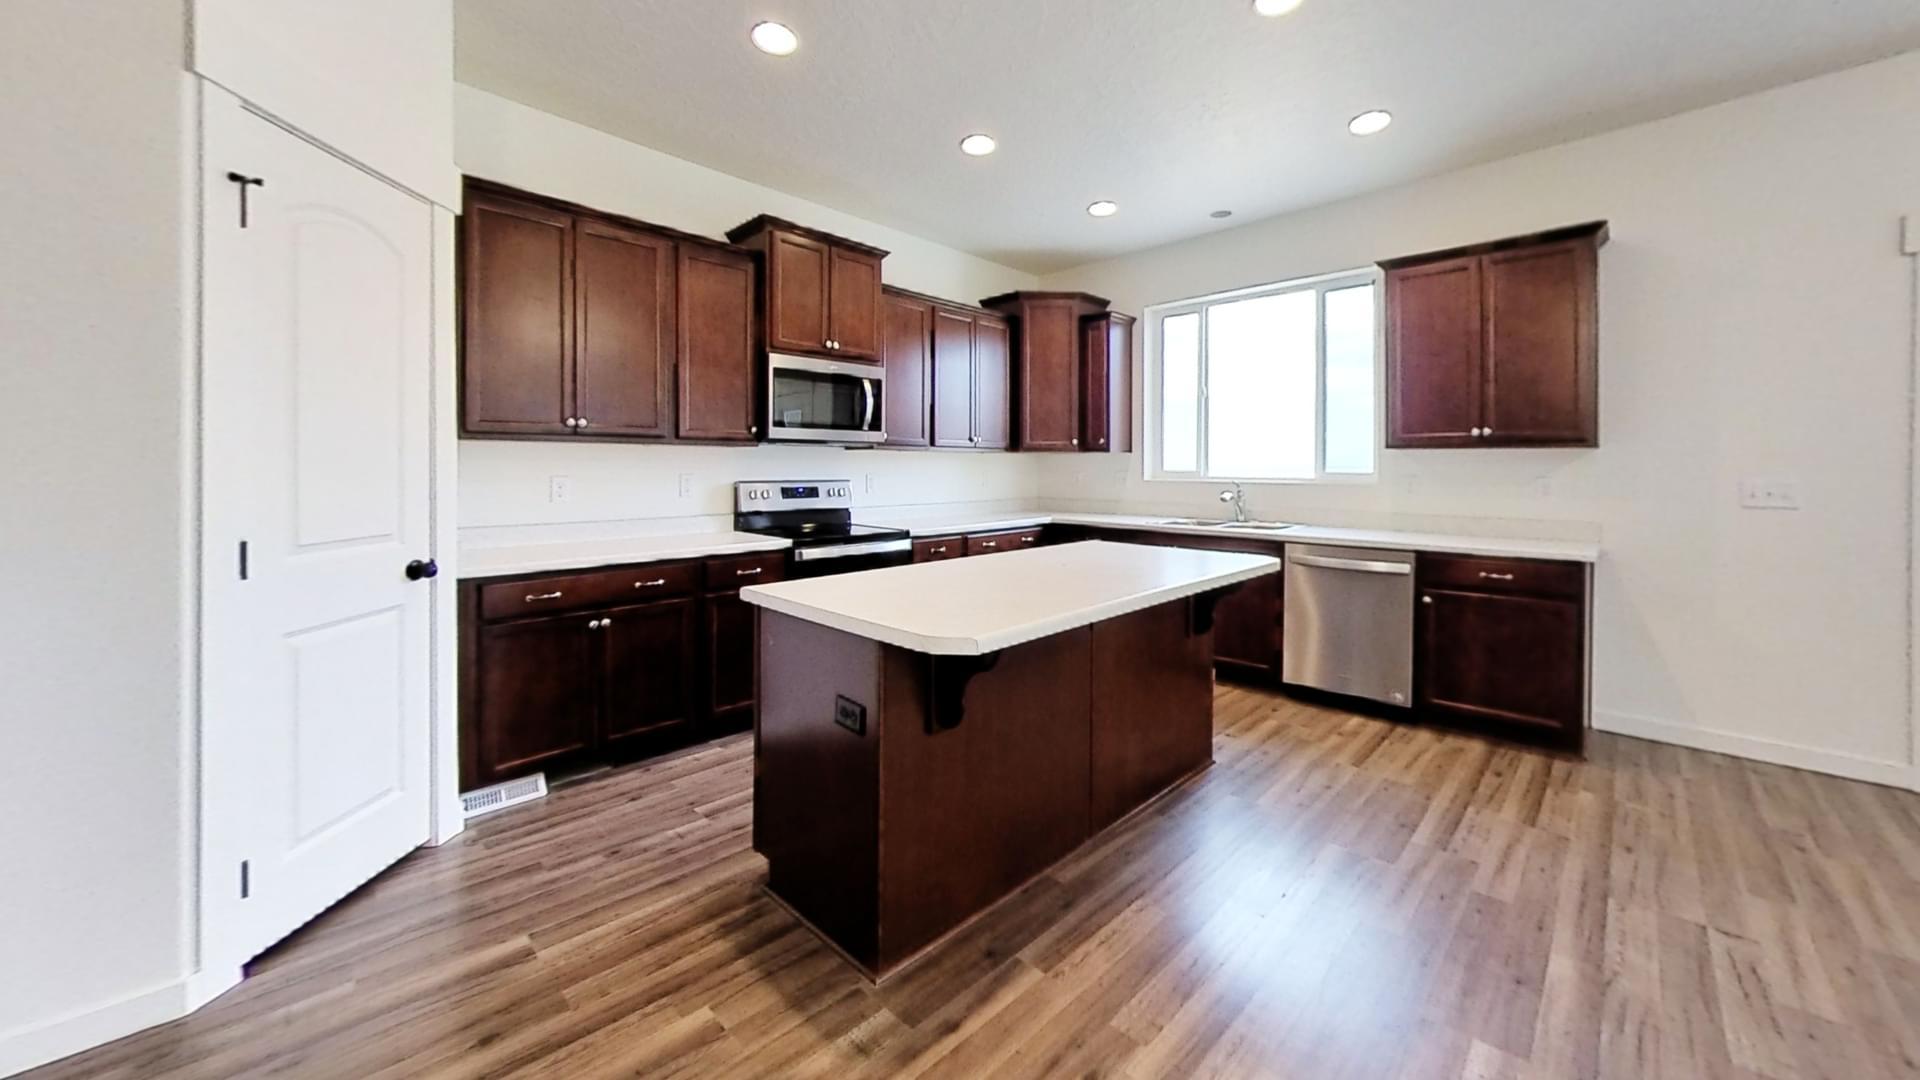 The Woodland new home floorplan in Utah